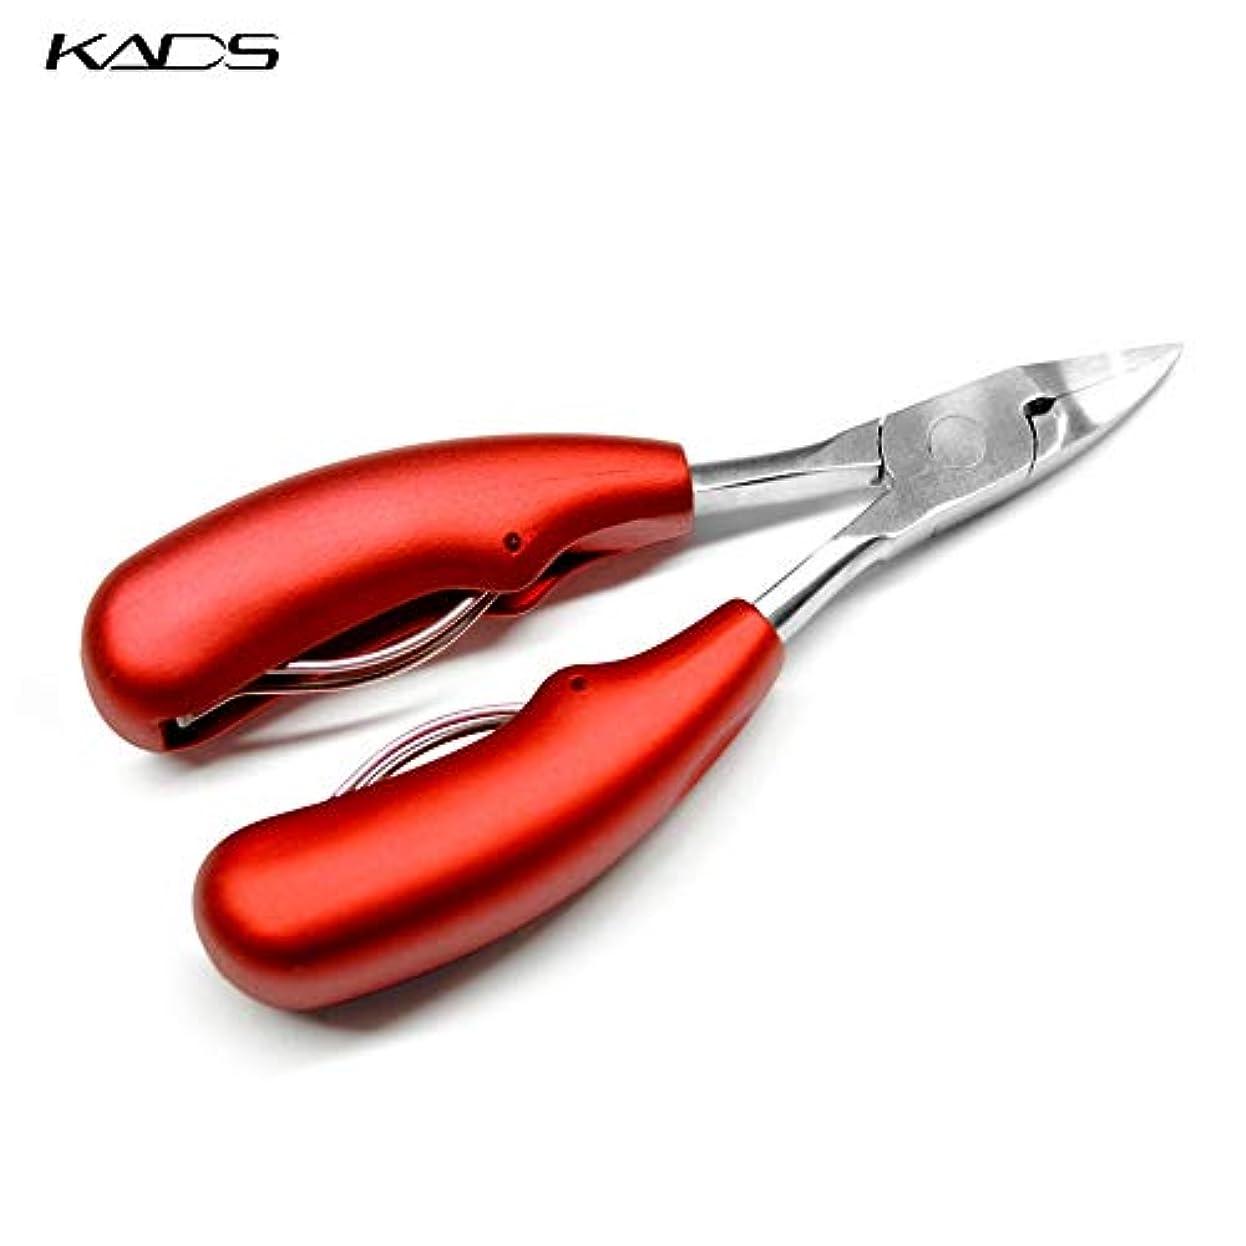 高める精神医学バックKADS 爪切りニッパー 巻き爪/硬い爪に対応 高品質ステンレス製 滑り止め加工 厚手のハンドル(アカ)